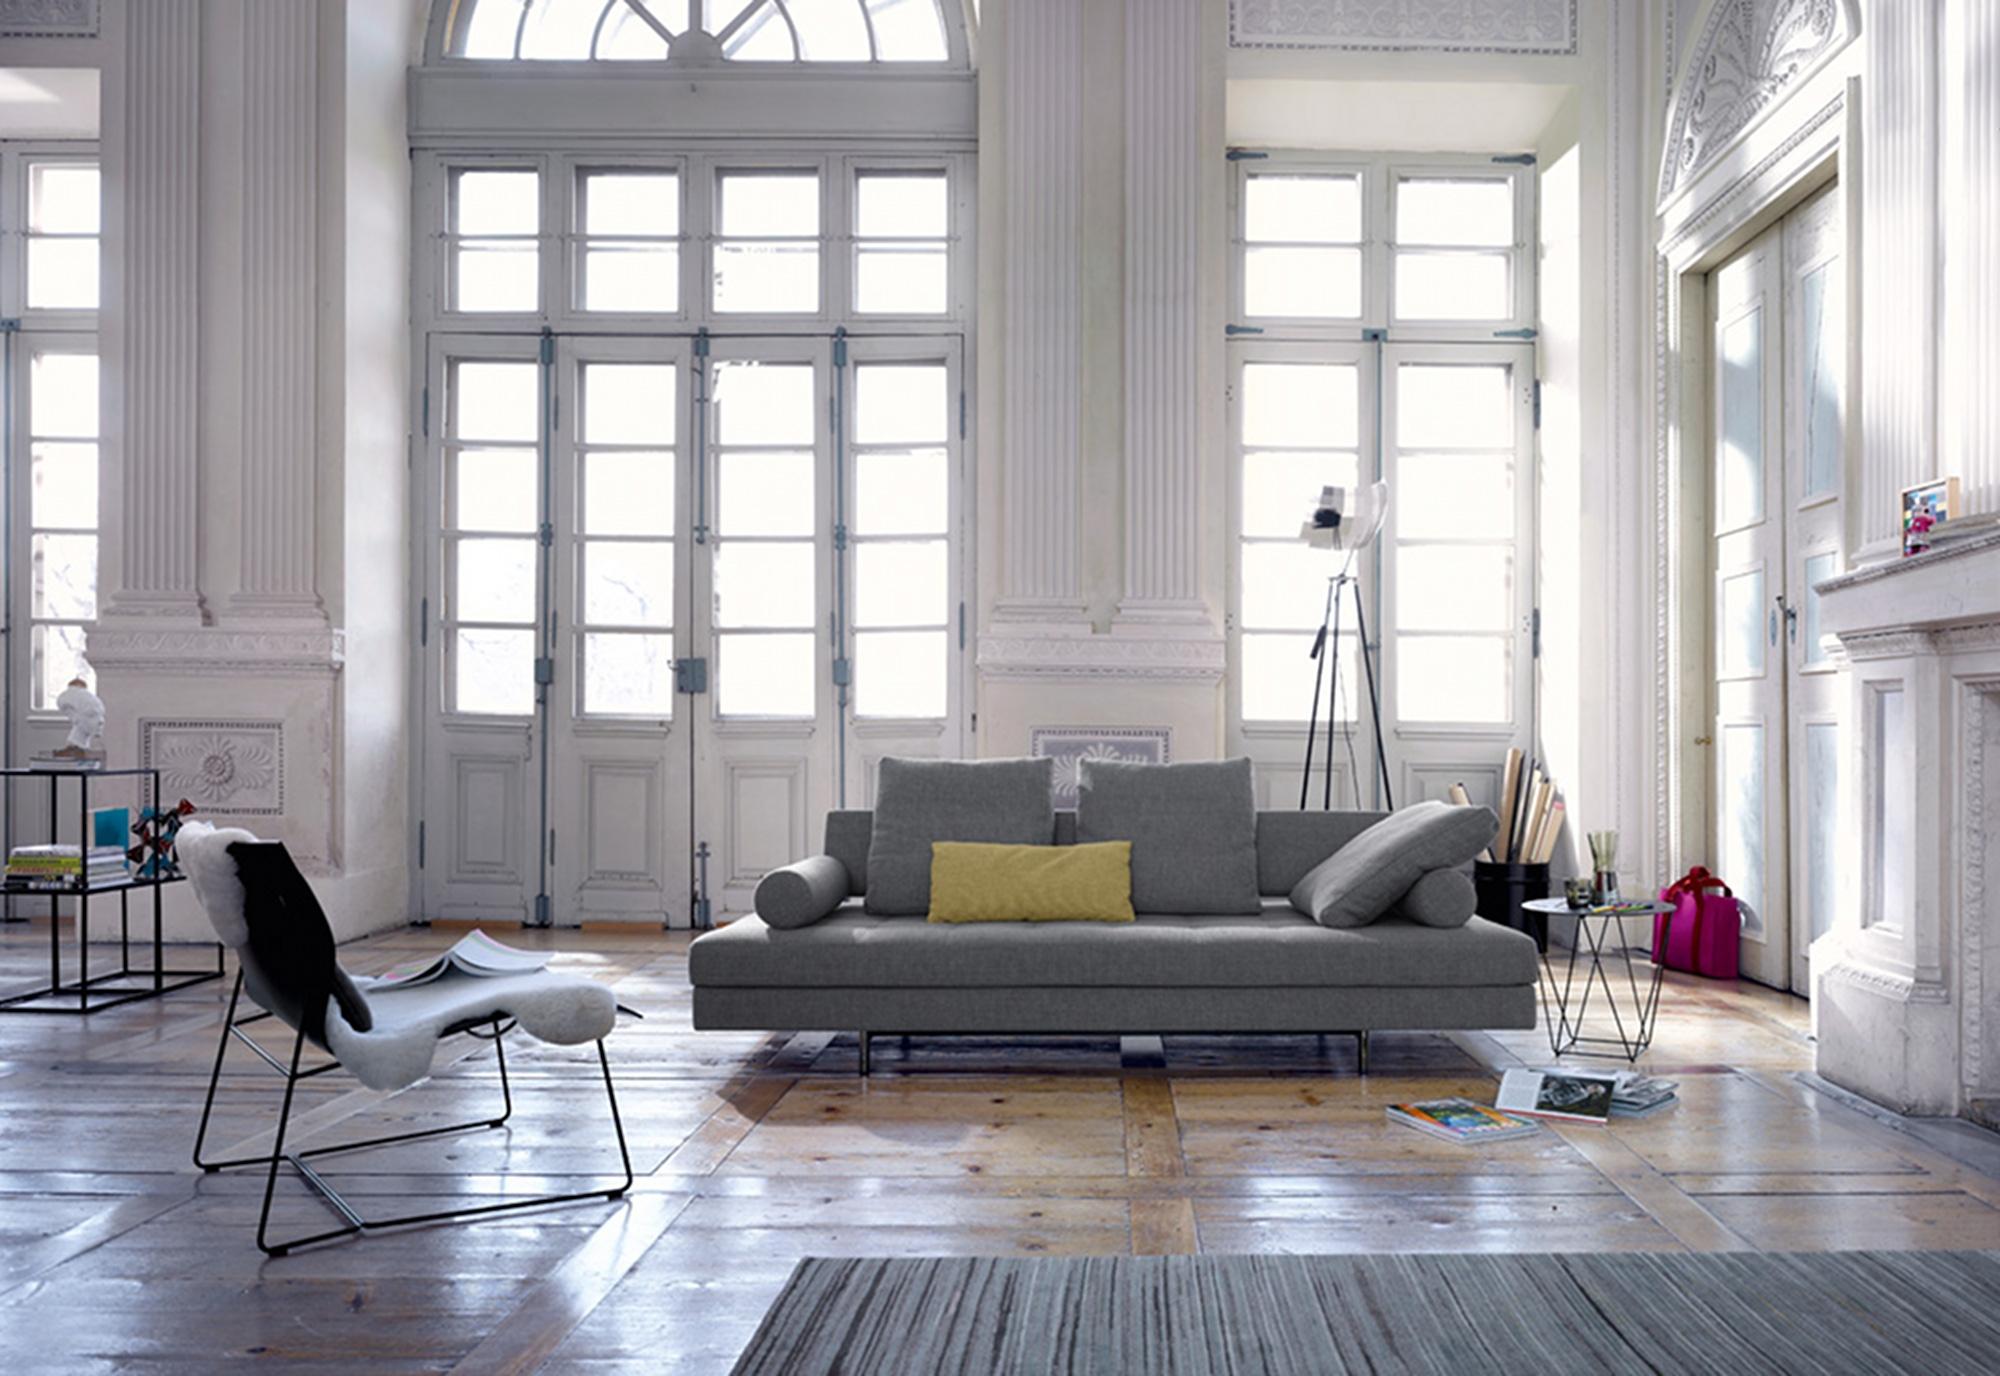 walter-knoll-living-platform-loft-25430d1c0354fc.jpg